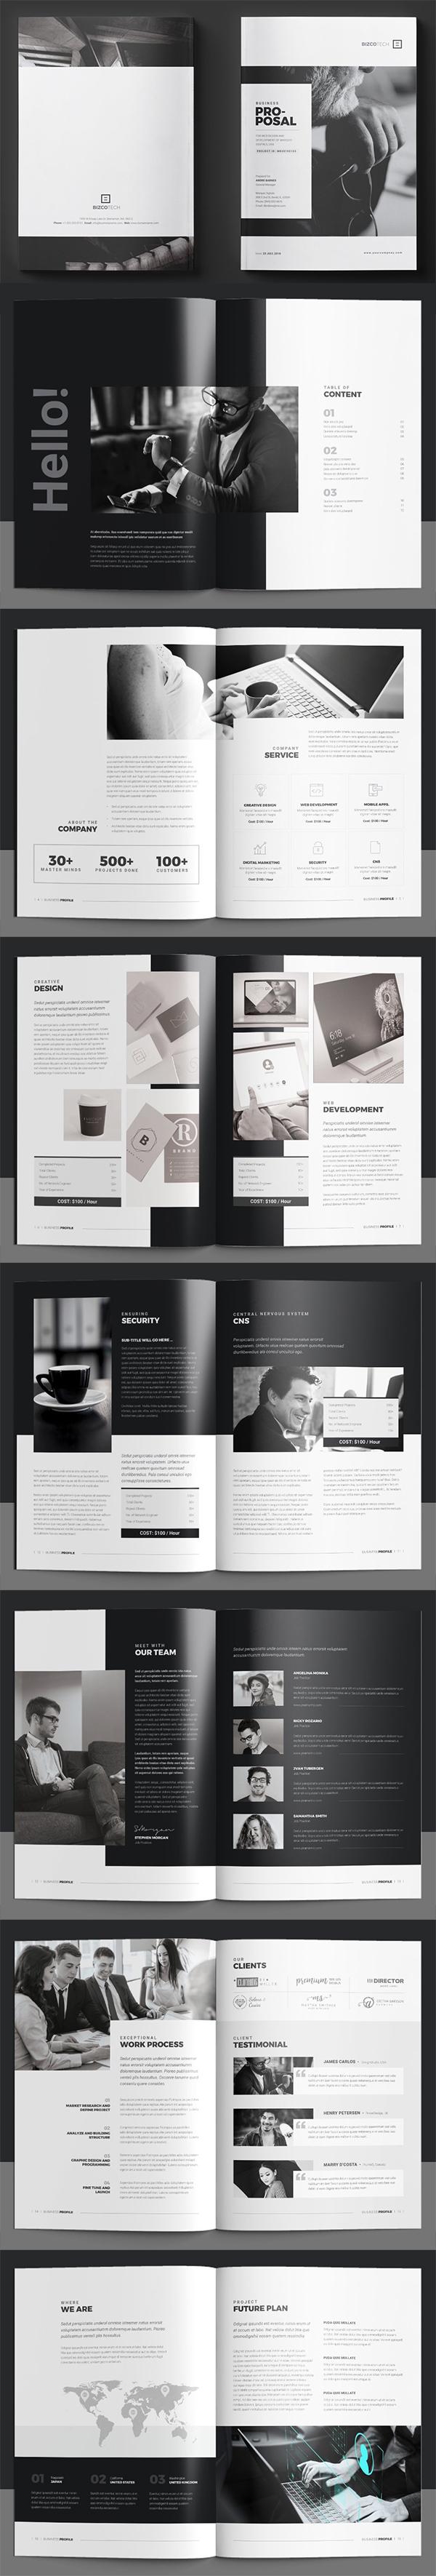 Perfect Company Profile Brochure